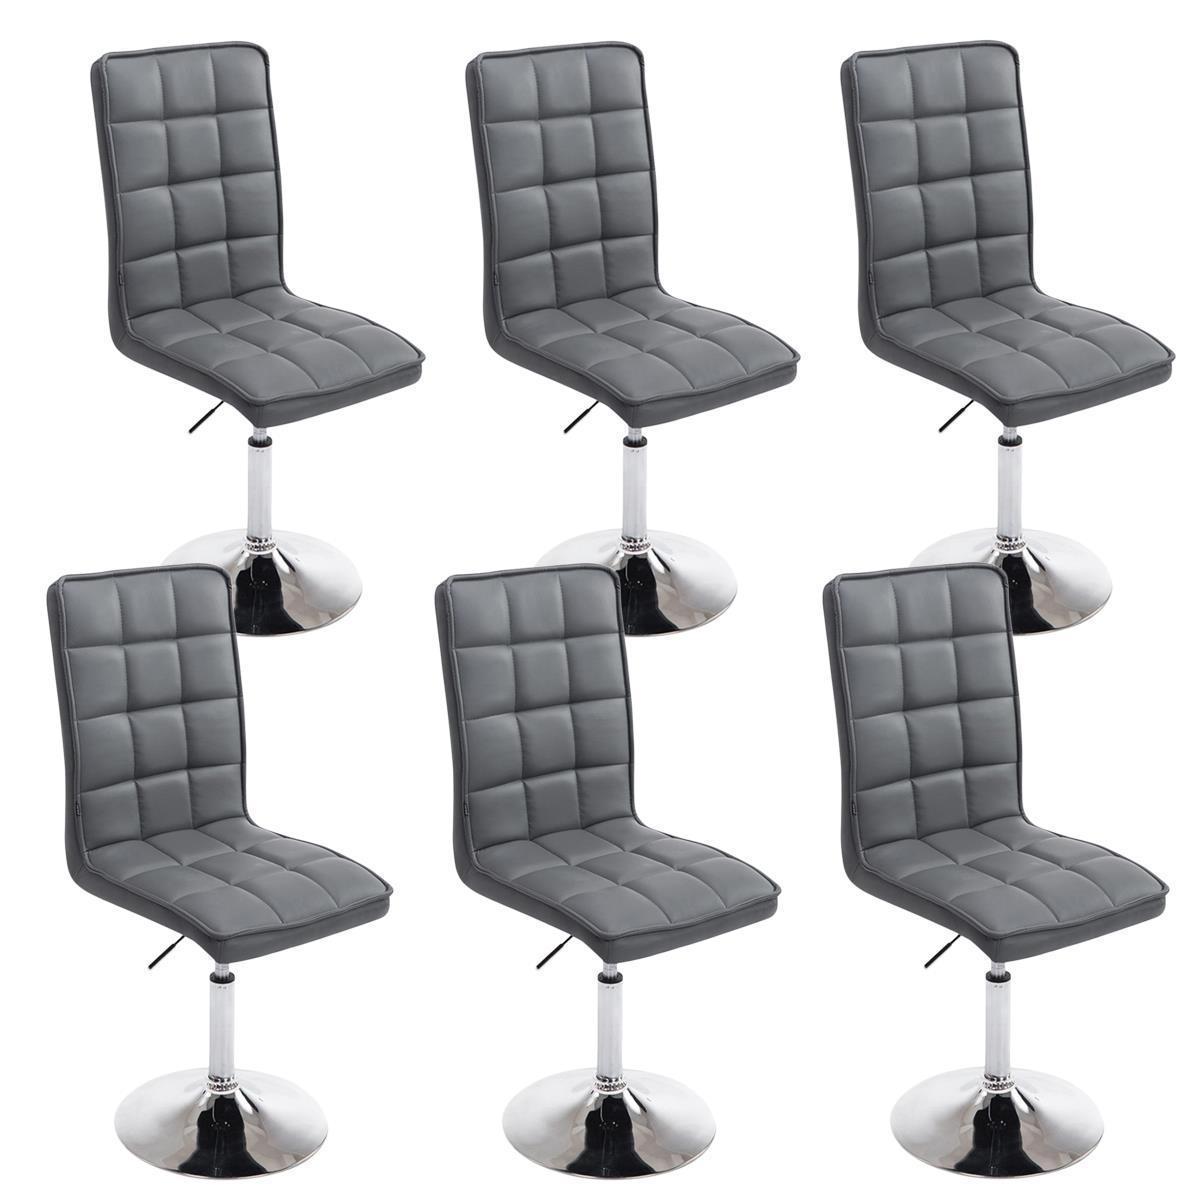 Conjunto de 6 sillas de comedor o cocina osuna piel en for Sillas de comedor color gris